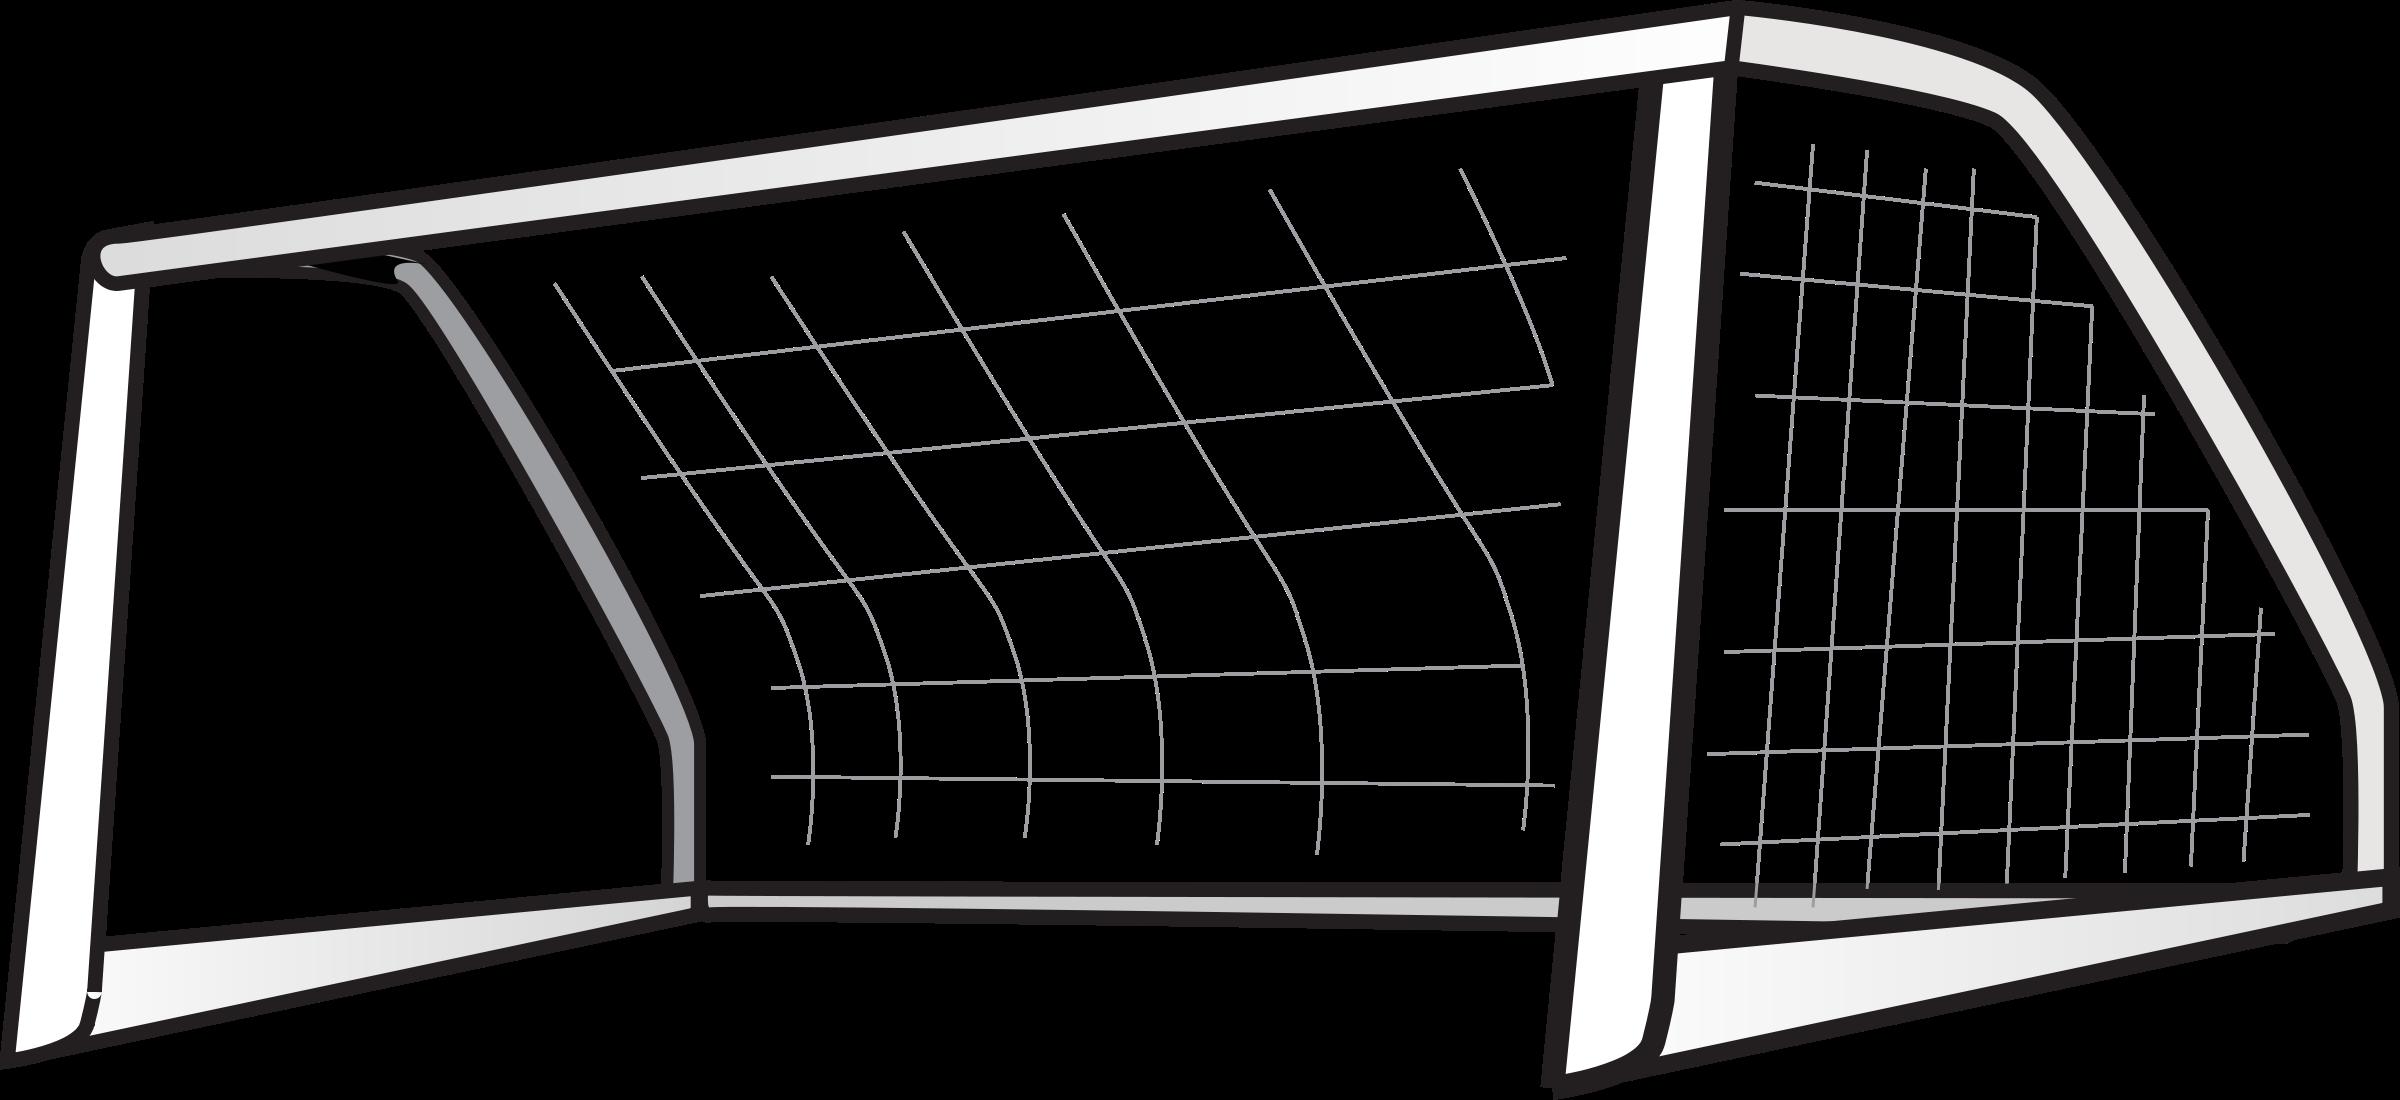 2400x1100 Football Net Clipart